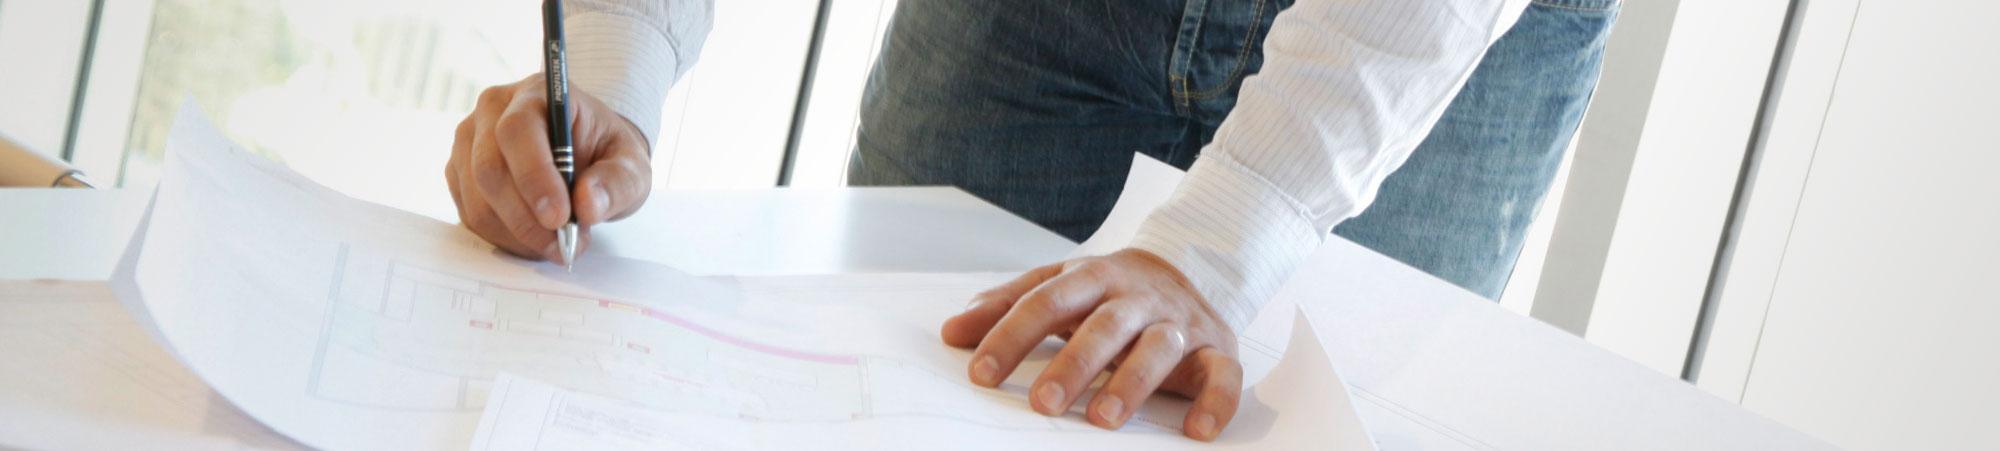 PROFILTEK se distingue por su Investigación Desarrollo en Innovación